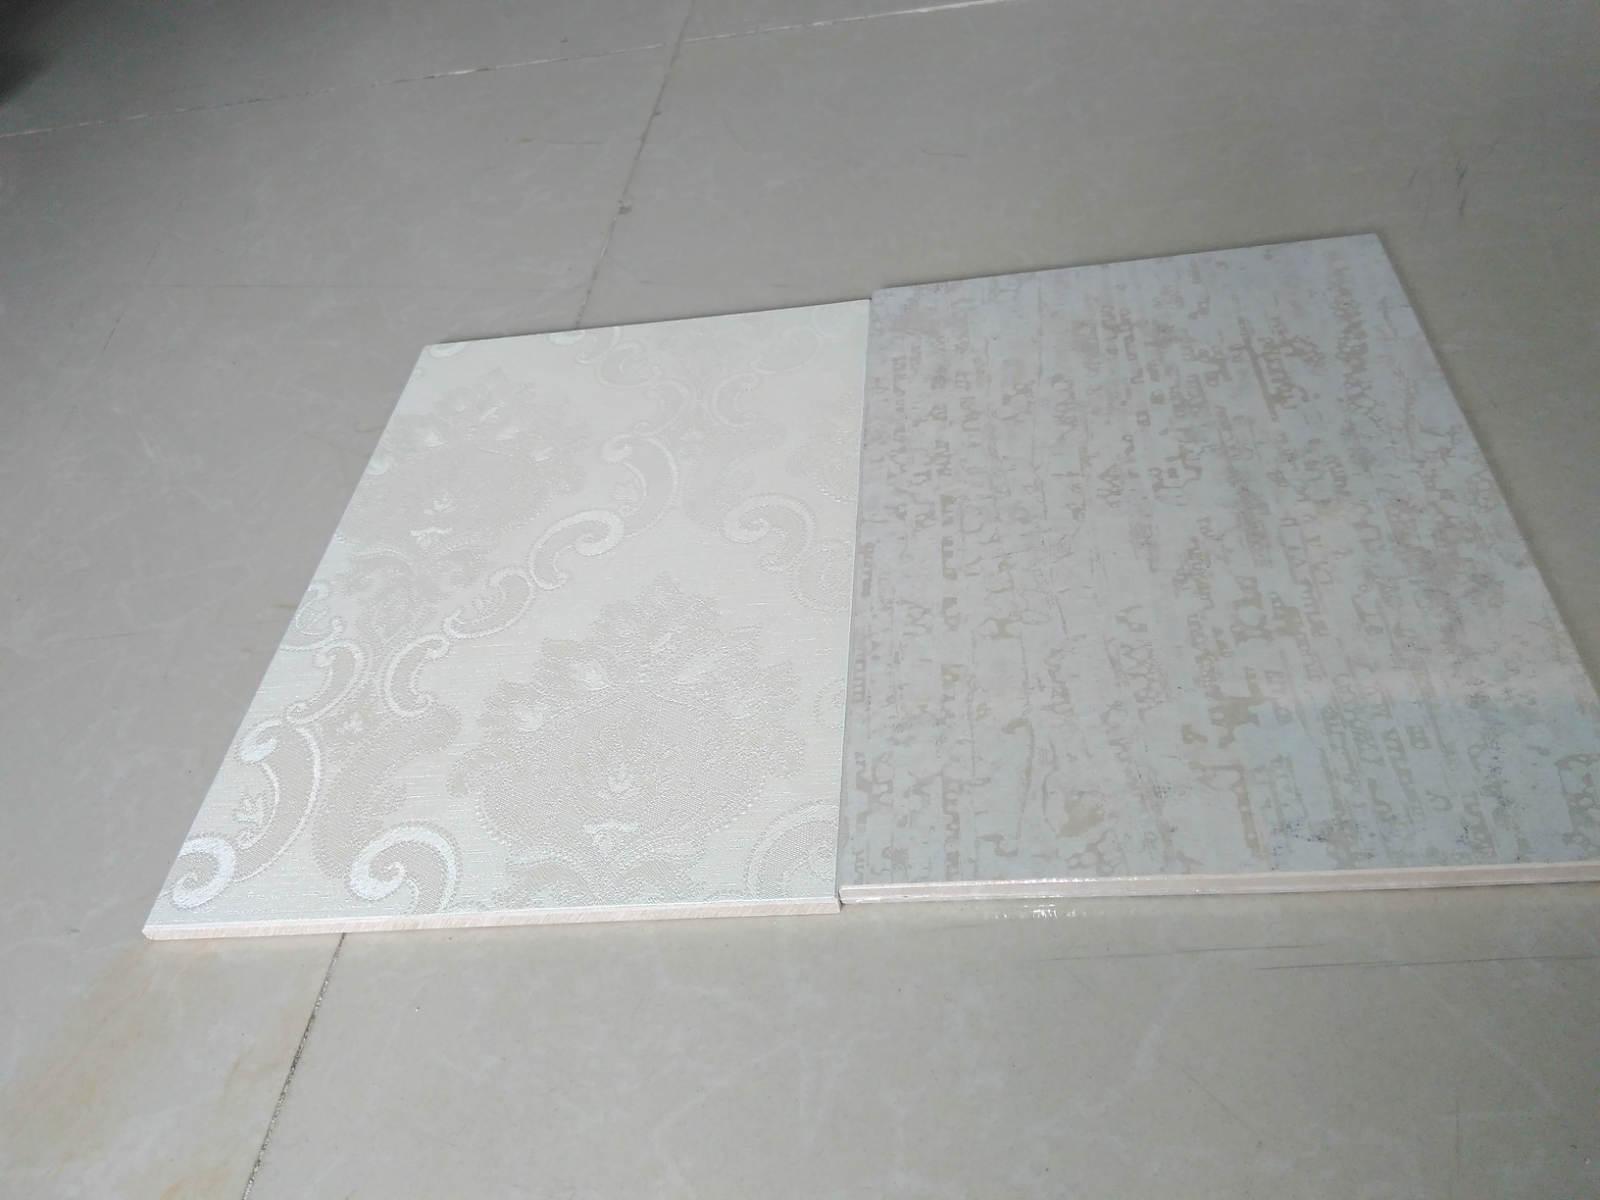 河北仿木纹有氧石材板厂家_德信隆建材好用的仿木纹有氧石材板新品上市